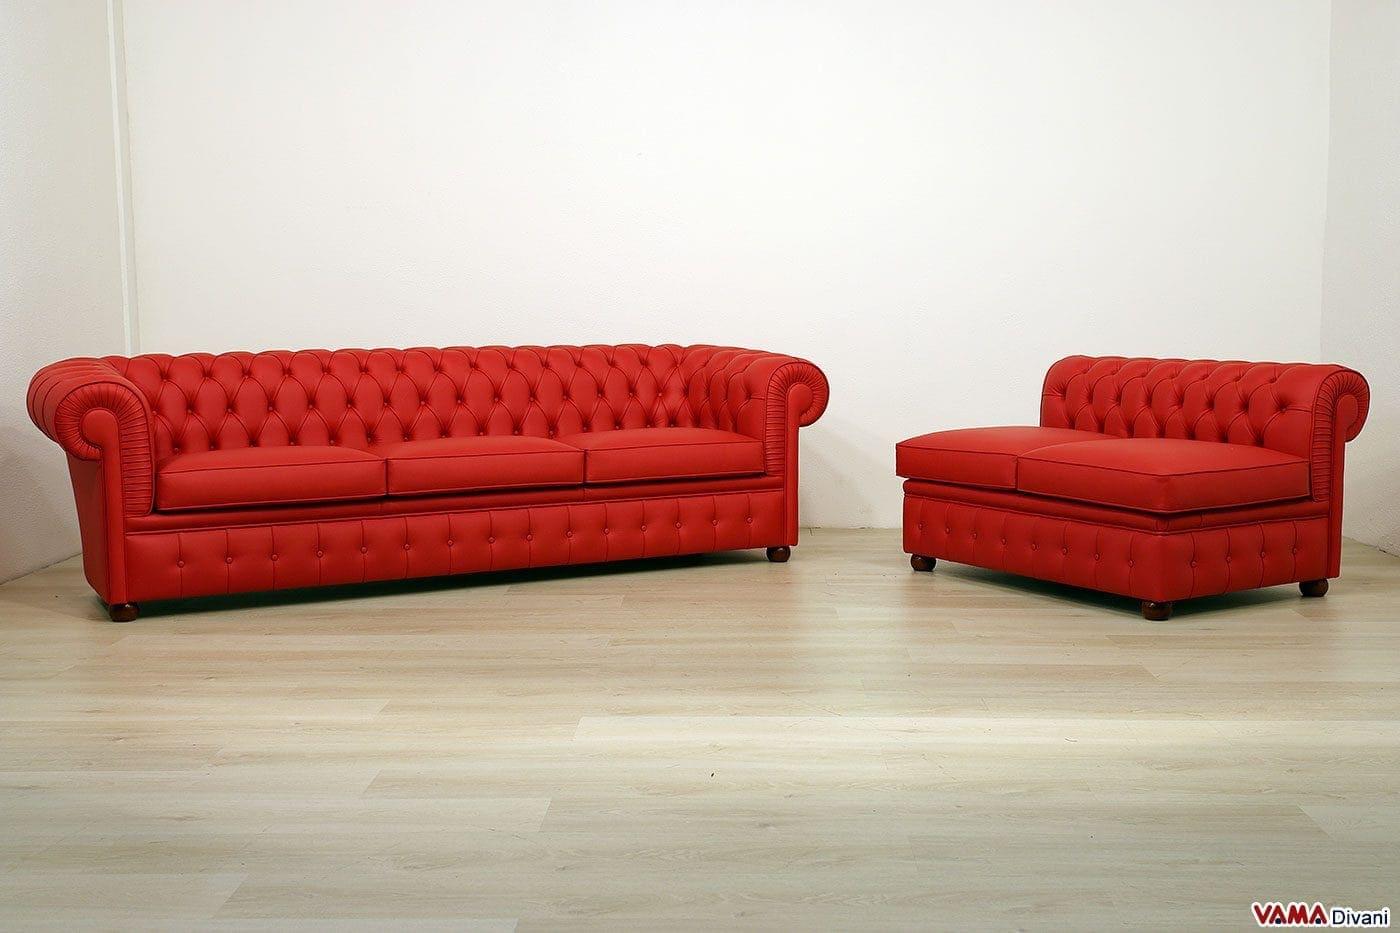 Divani chesterfield modificati su richiesta del cliente vama divani - Divano su misura ...